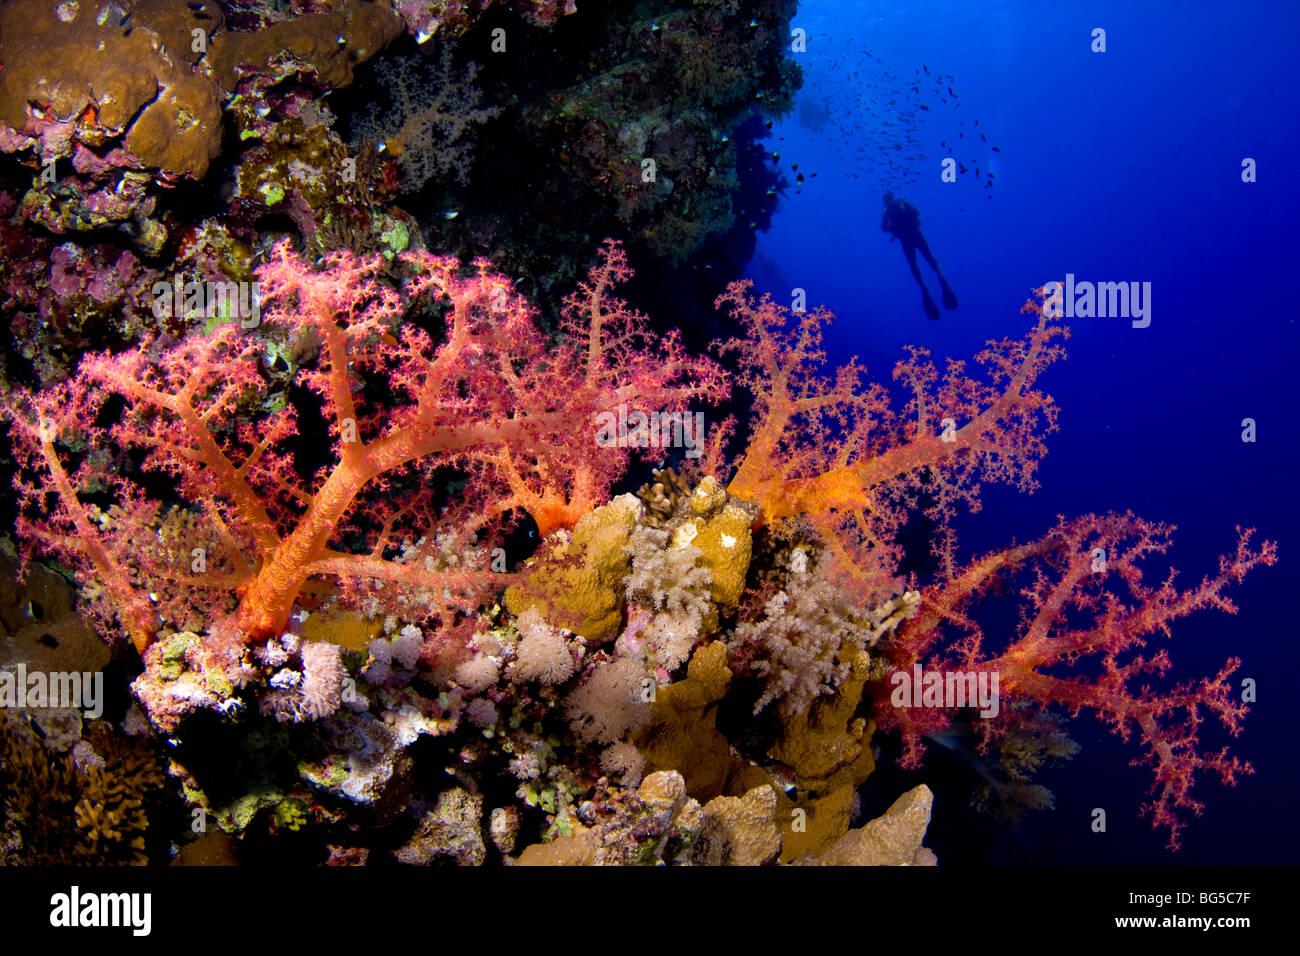 Barriere coralline del Mar Rosso, subacquea, Soft Coral reef tropicali, l'acqua è blu e profondo, visibilità, Immagini Stock